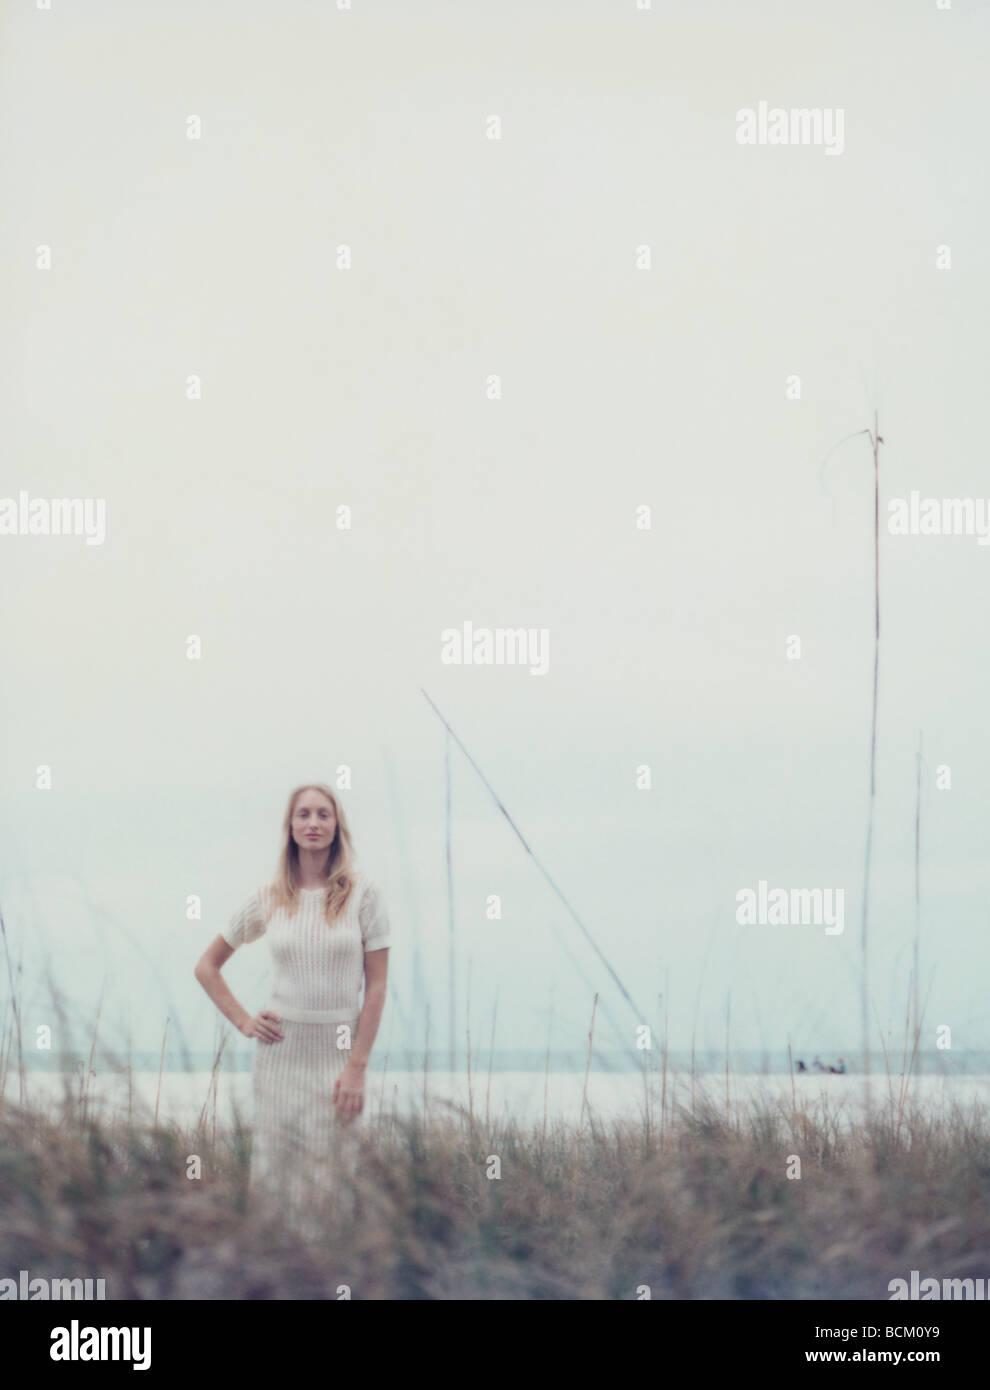 Junge Frau im Kleid am Strand mit Hand auf Hüfte, Dünengras im unscharfen Vordergrund stehend Stockbild